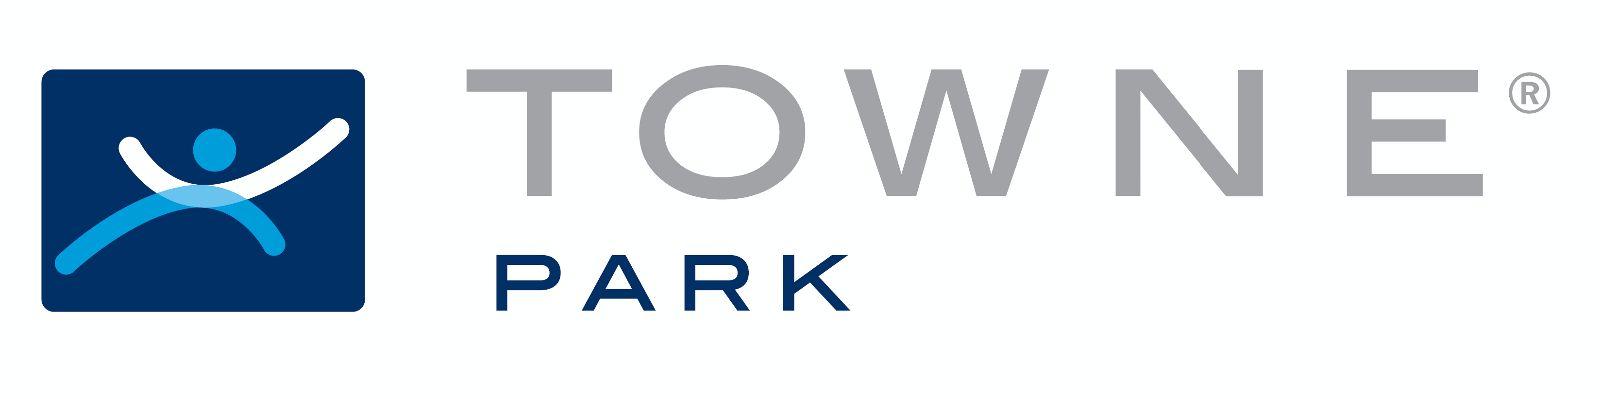 Towne Park Announces Acquisition Of Parking Solutions Inc